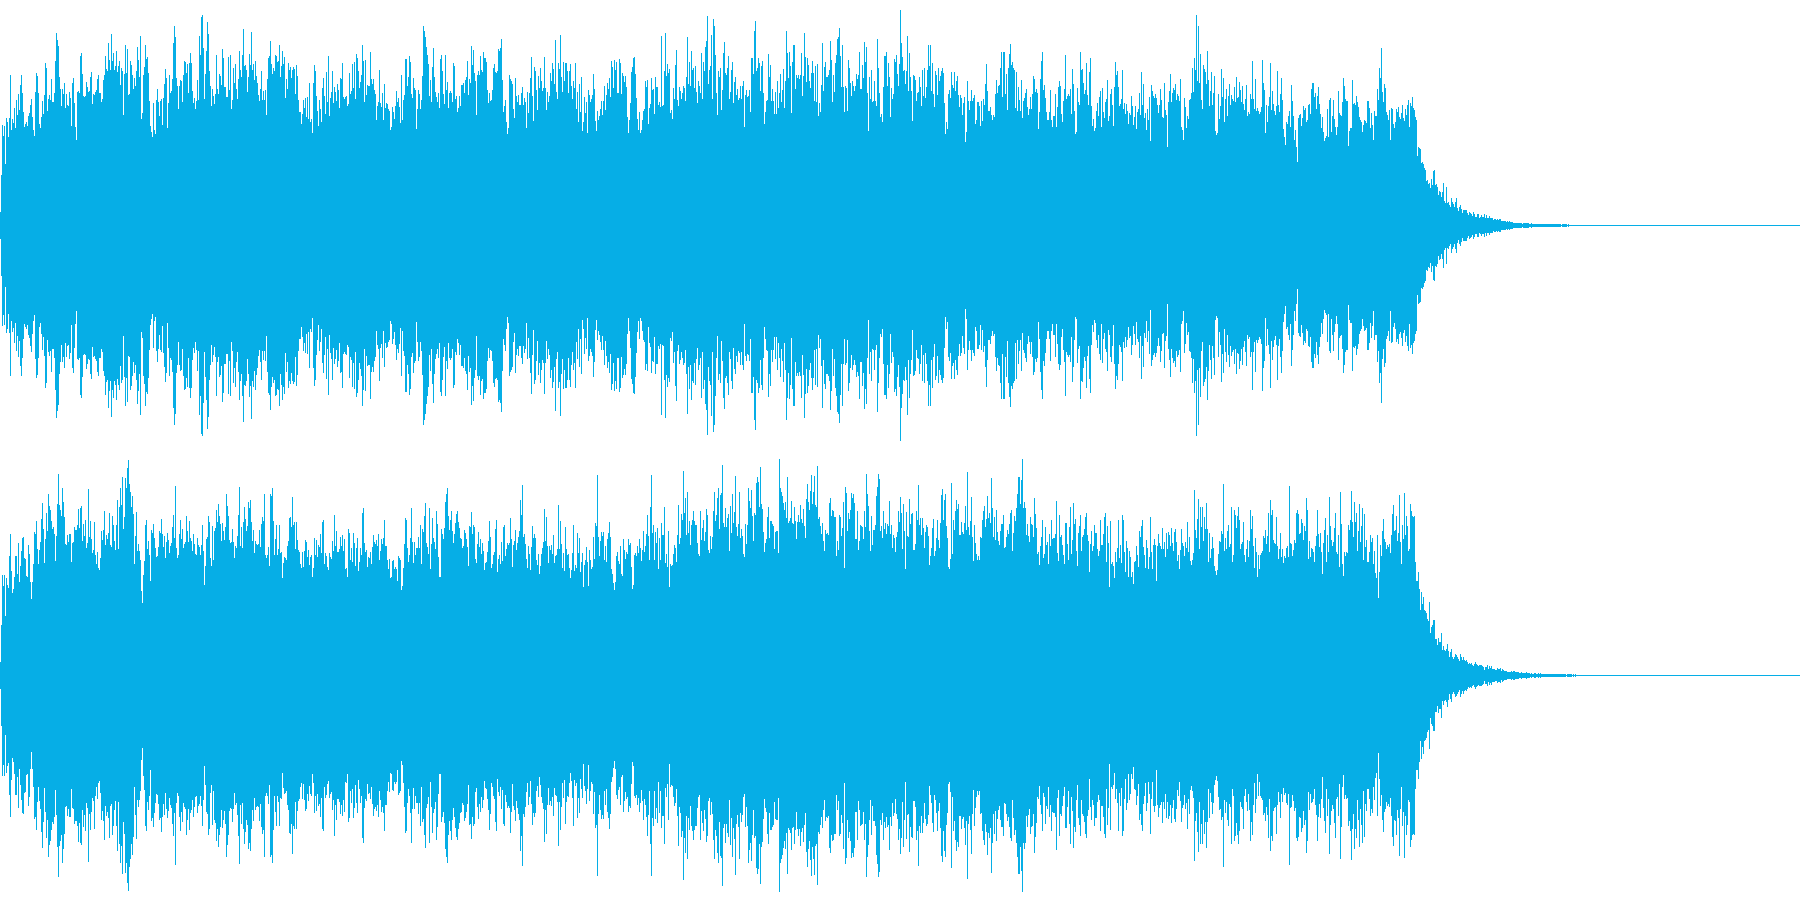 オーケストラの派手なエンディングジングルの再生済みの波形